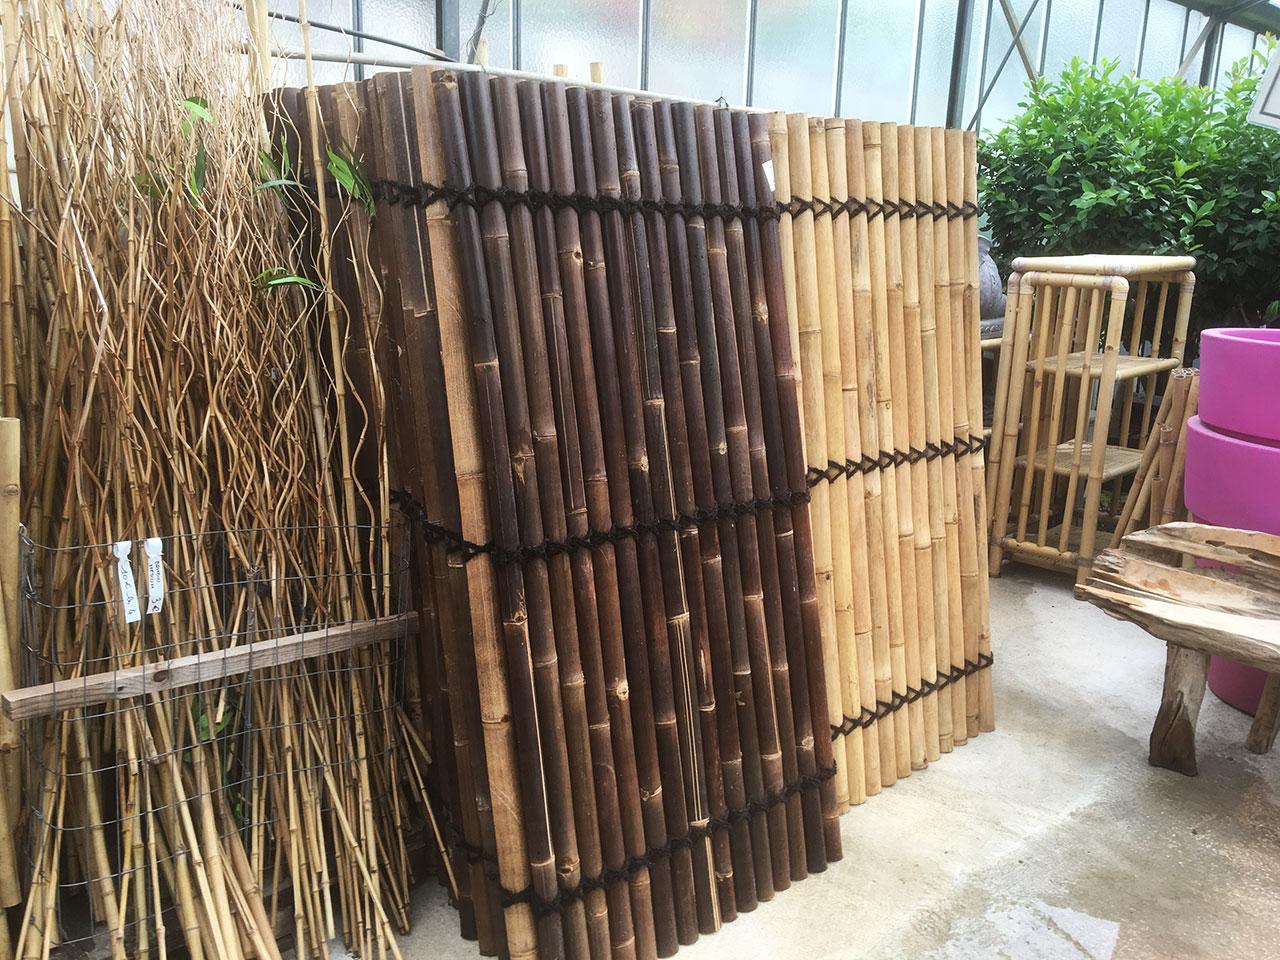 Mur en bambou DEWI Indonésie décoration mobilier de jardin